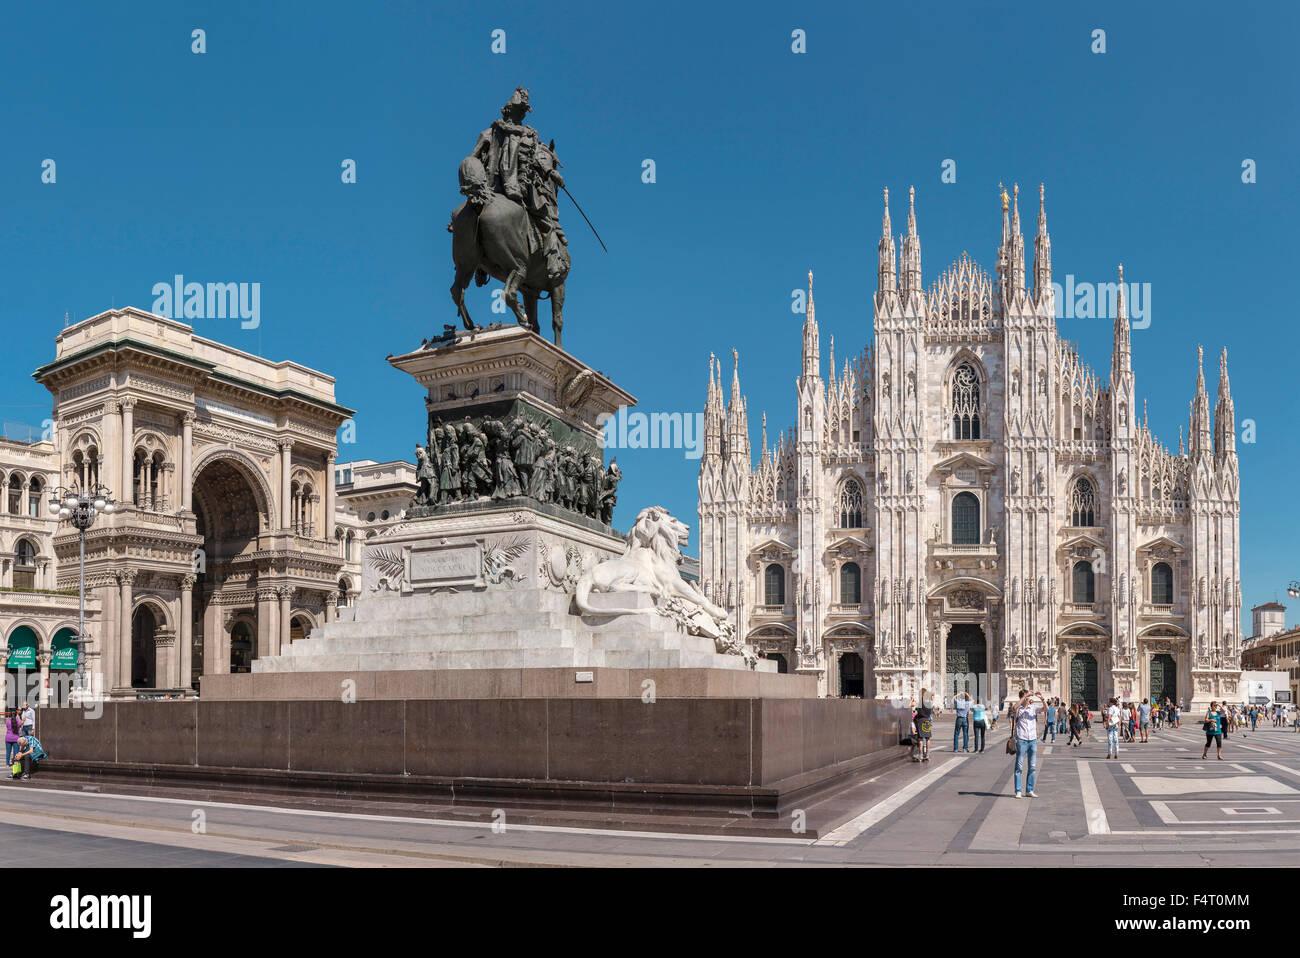 Italy, Europe, Milano, Lombardy, Piazza del Duomo, Duomo di Milano, dome, church, Monumento Equestre, Vittorio Emanuele - Stock Image